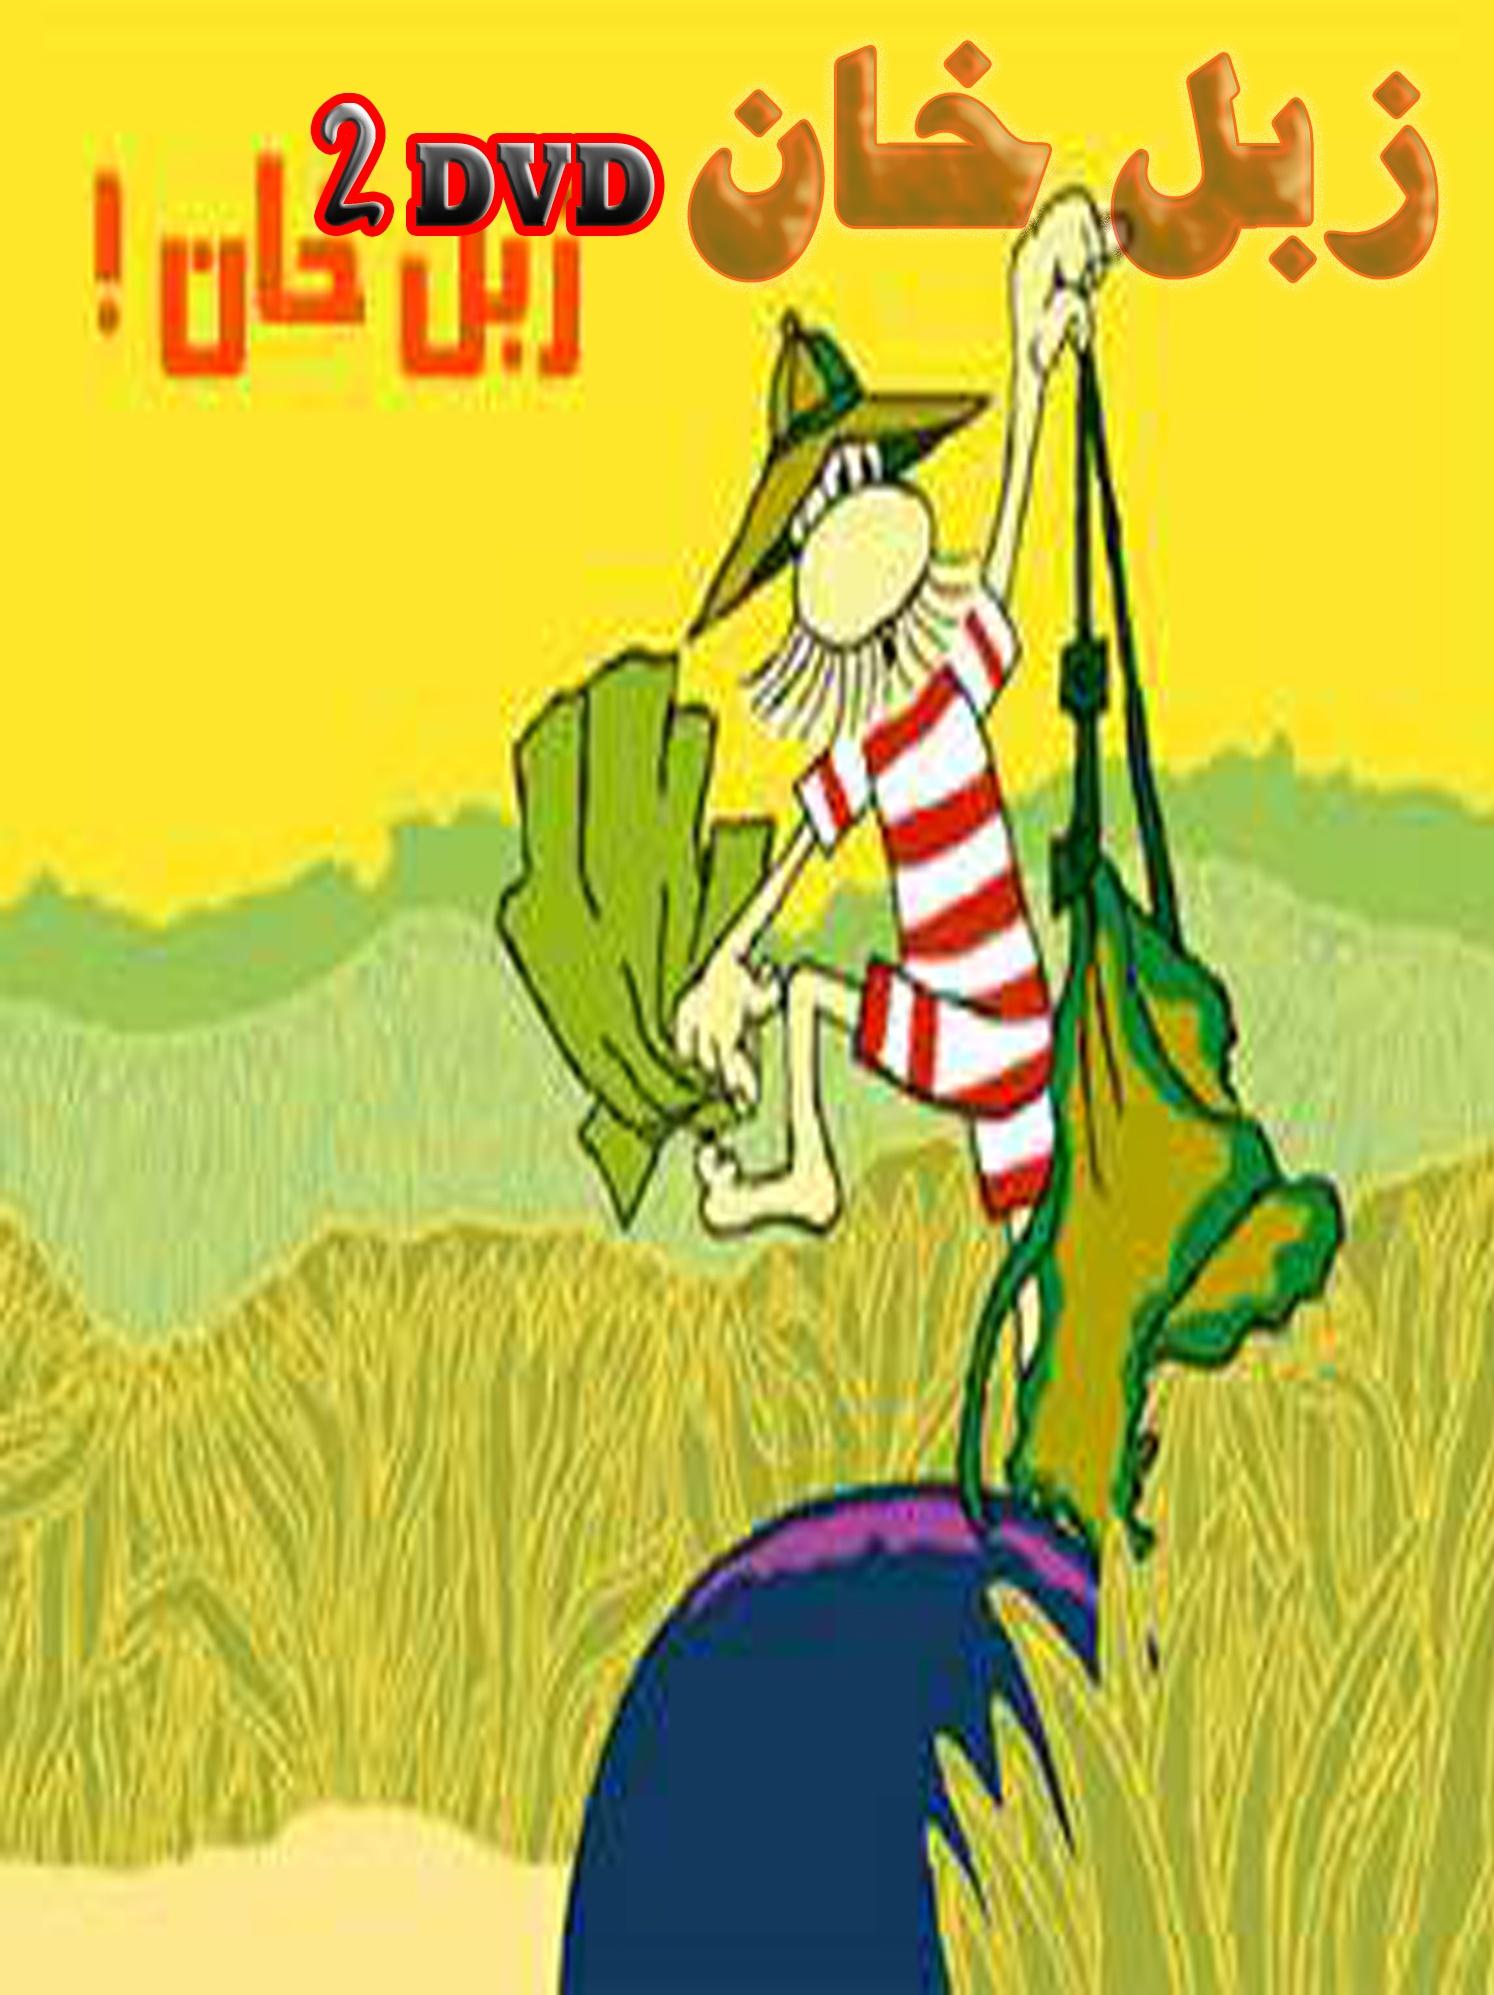 کارتون خاطره انگیز زبل خان 2 دی وی دی